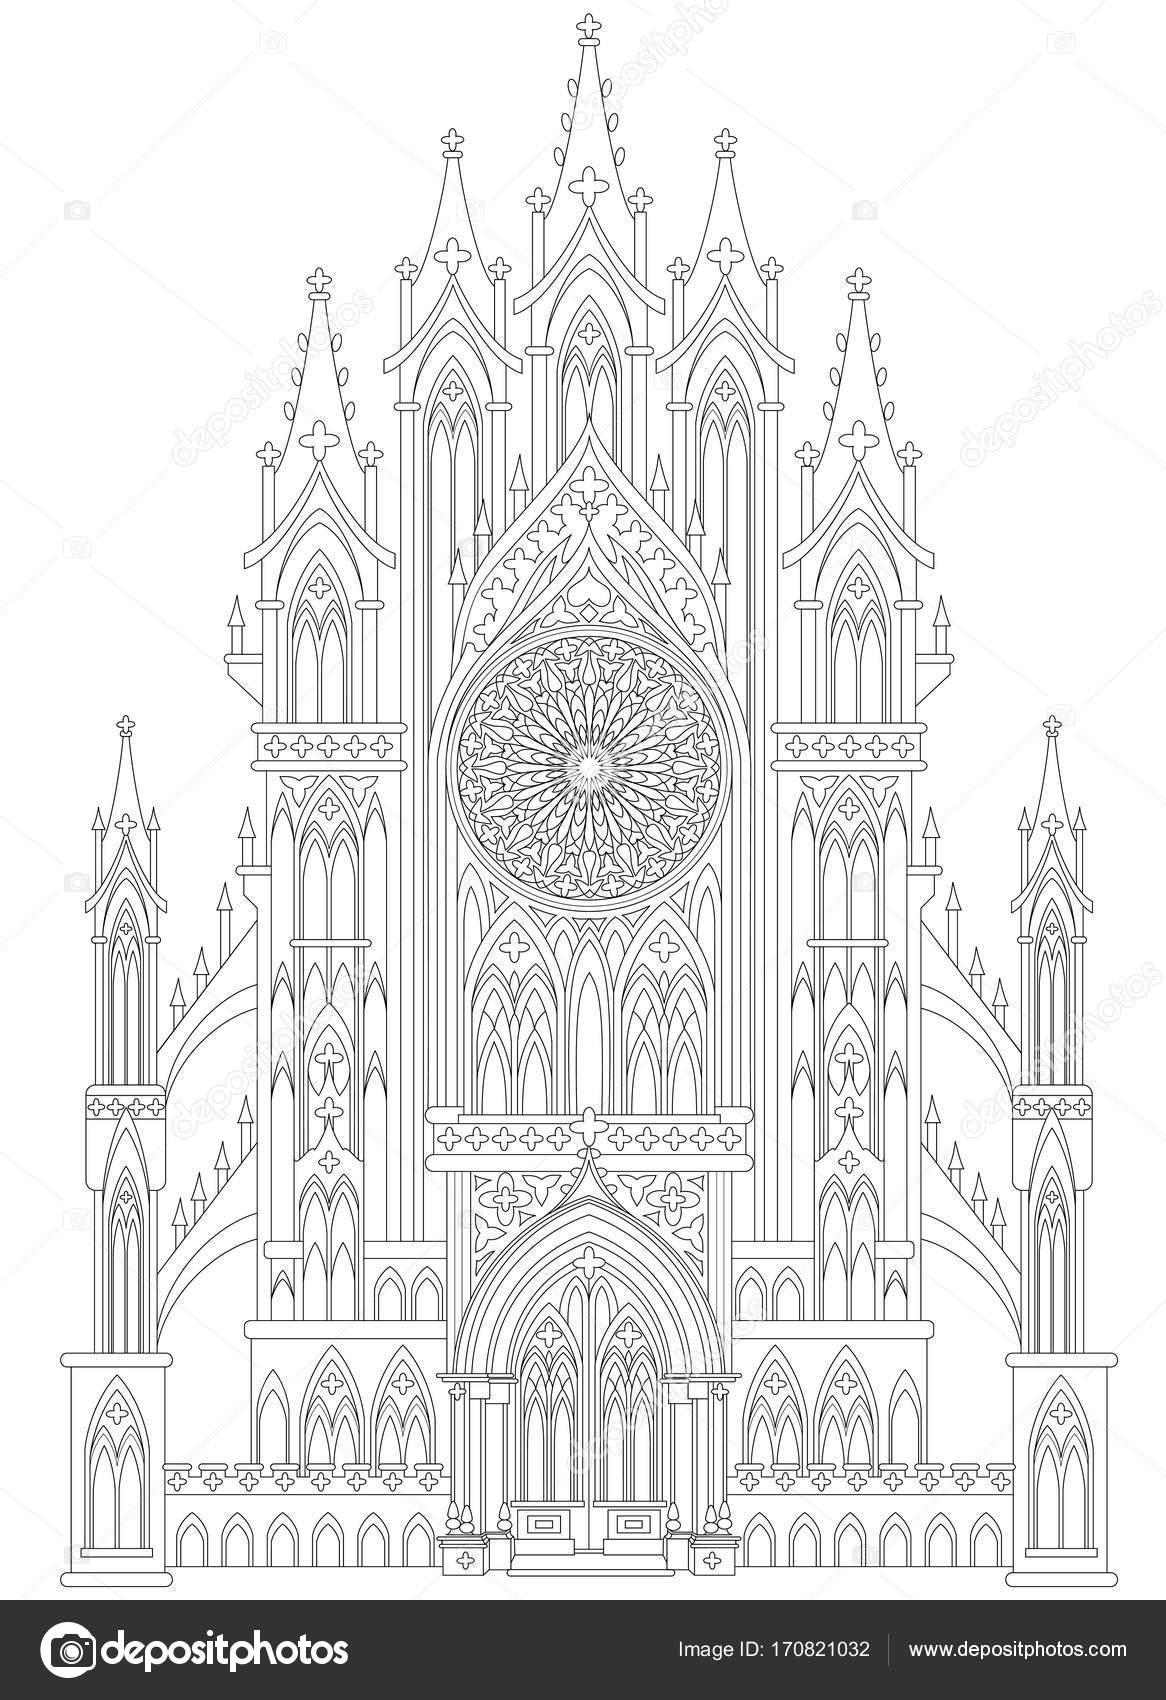 Dibujo de castillo gótico medieval de fantasía. Página para colorear ...